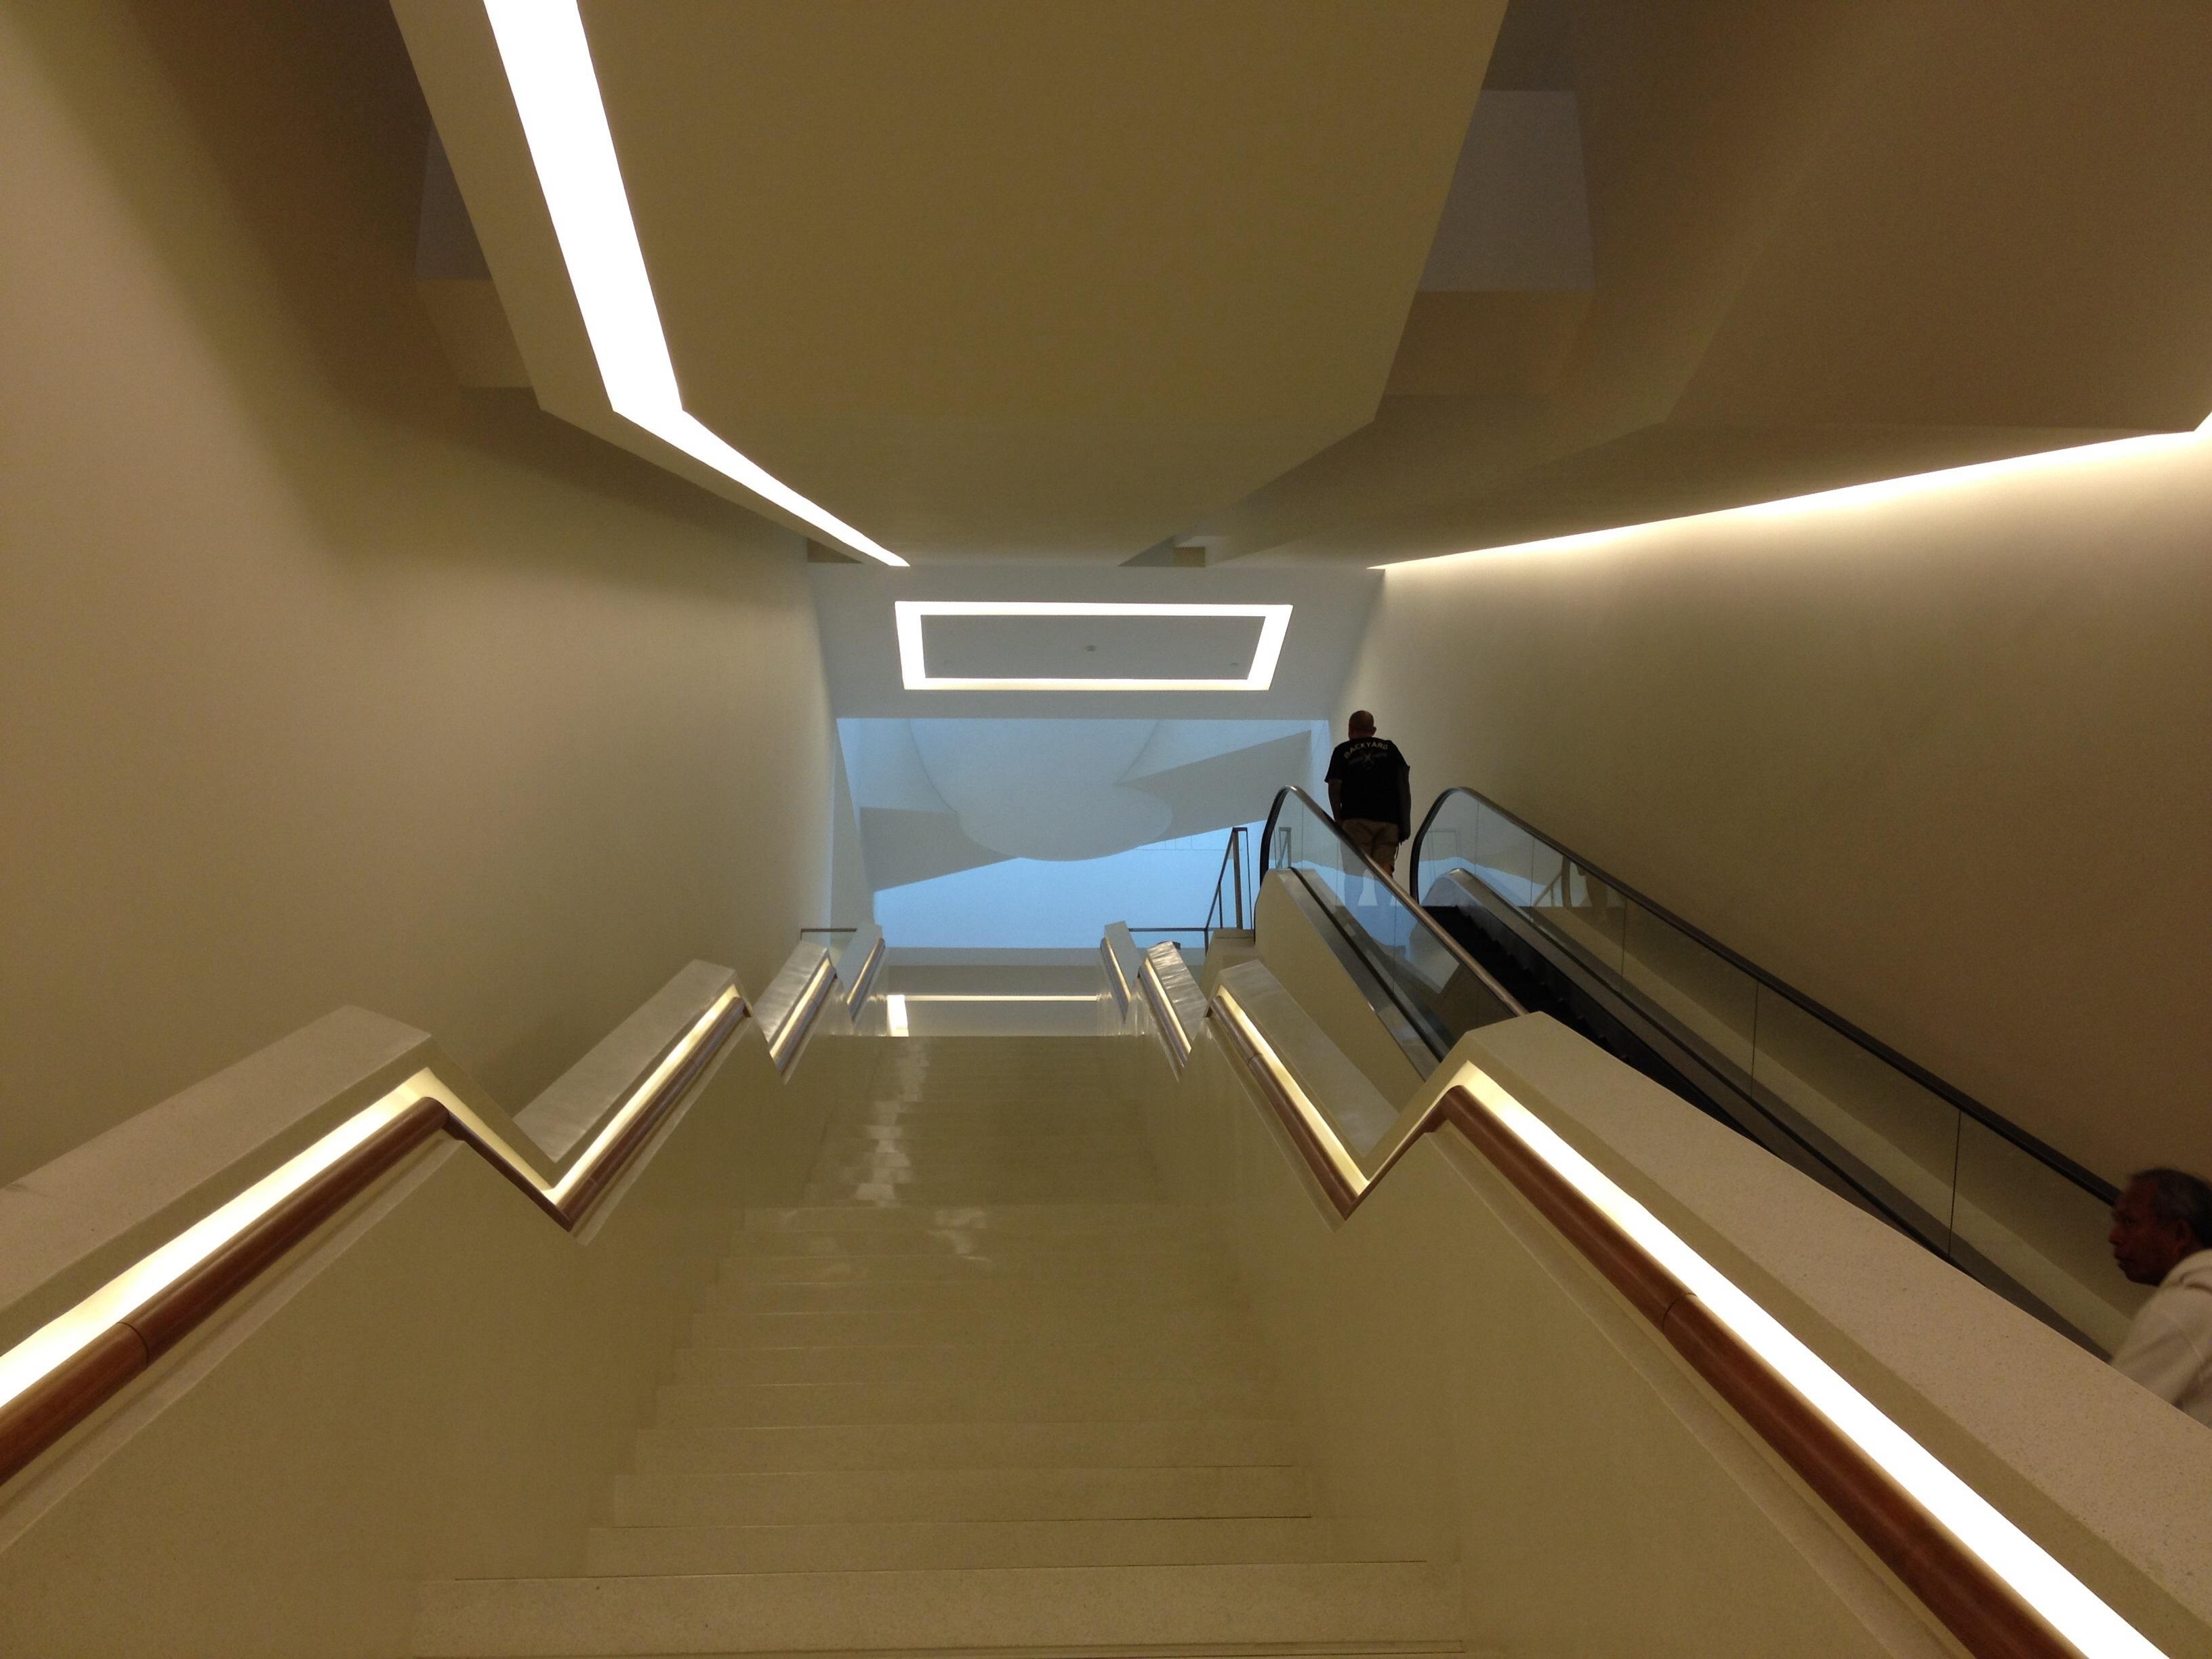 Iluminacion de escaleras ums info with iluminacion de - Iluminacion de escaleras ...